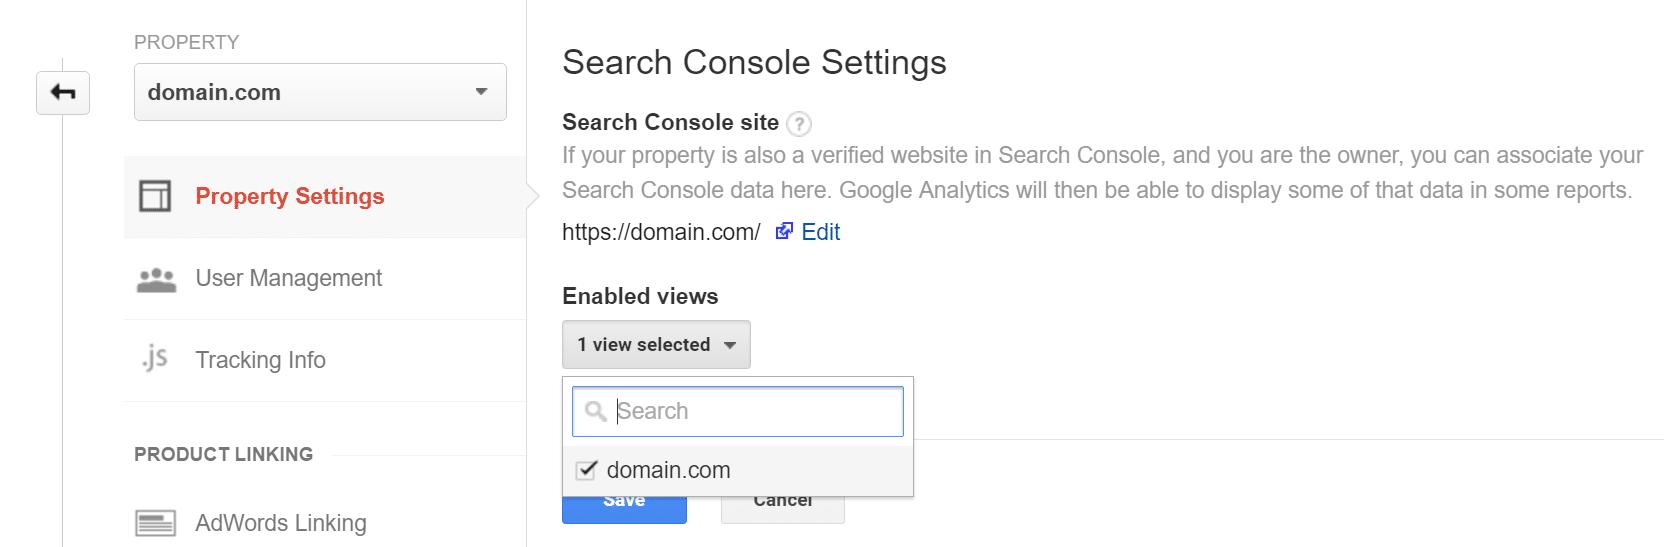 Enlace a la Consola de búsqueda de Google Analytics